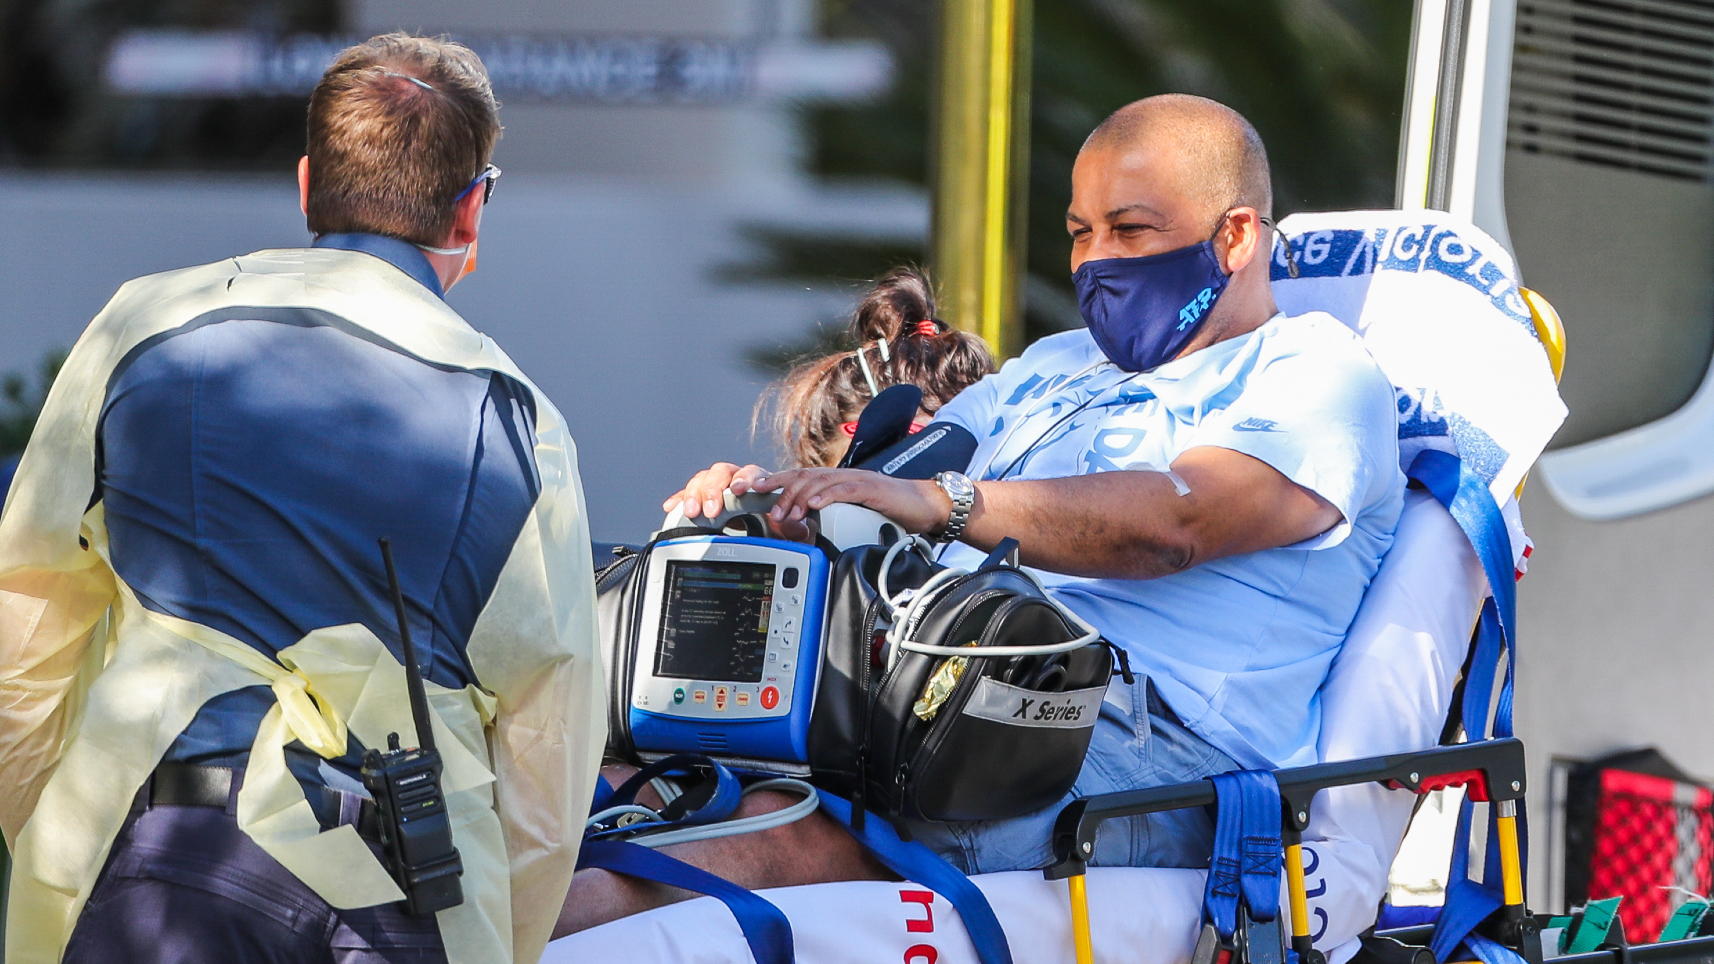 Australian Open umpire Bernardes 'recovering well' after heart scare